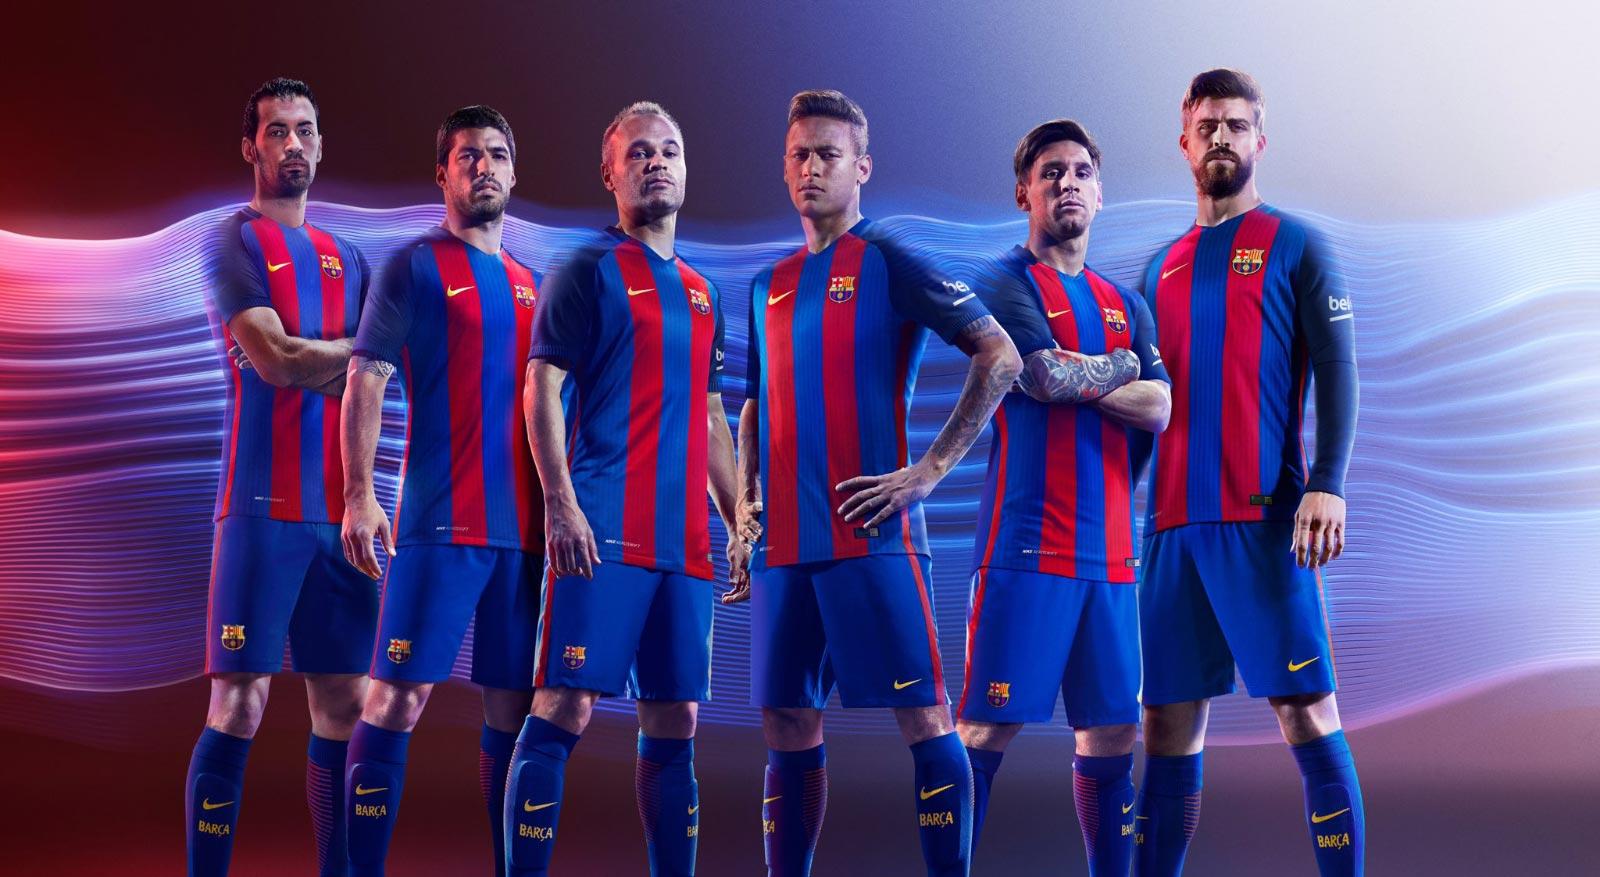 Les Barcelonais avec leur maillot domicile 2016-17 Nike